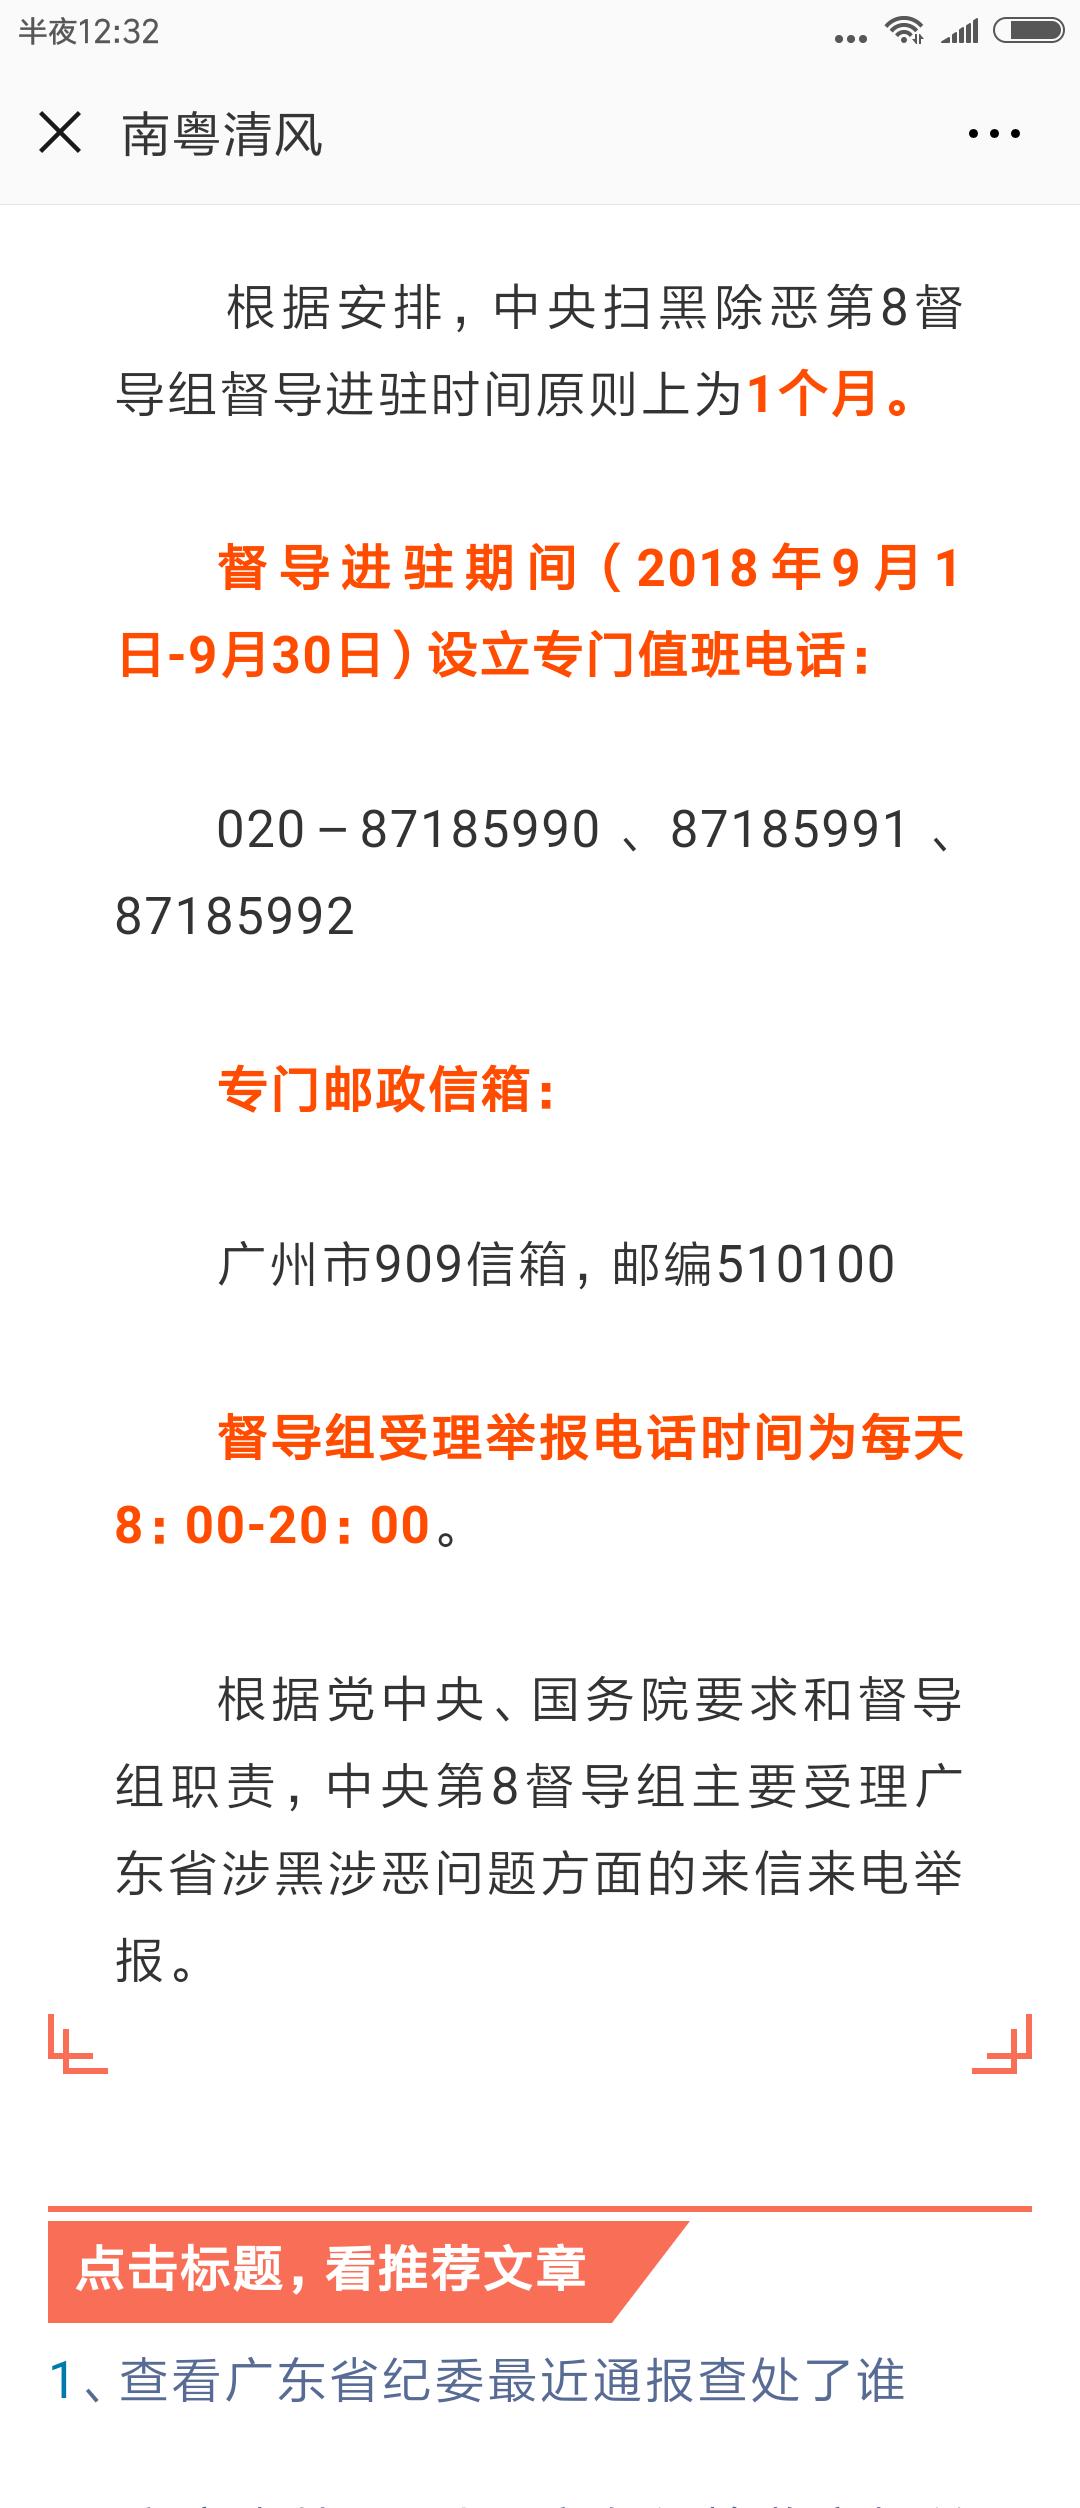 Screenshot_2018-09-04-00-32-19-866_com.tencent.mm.png